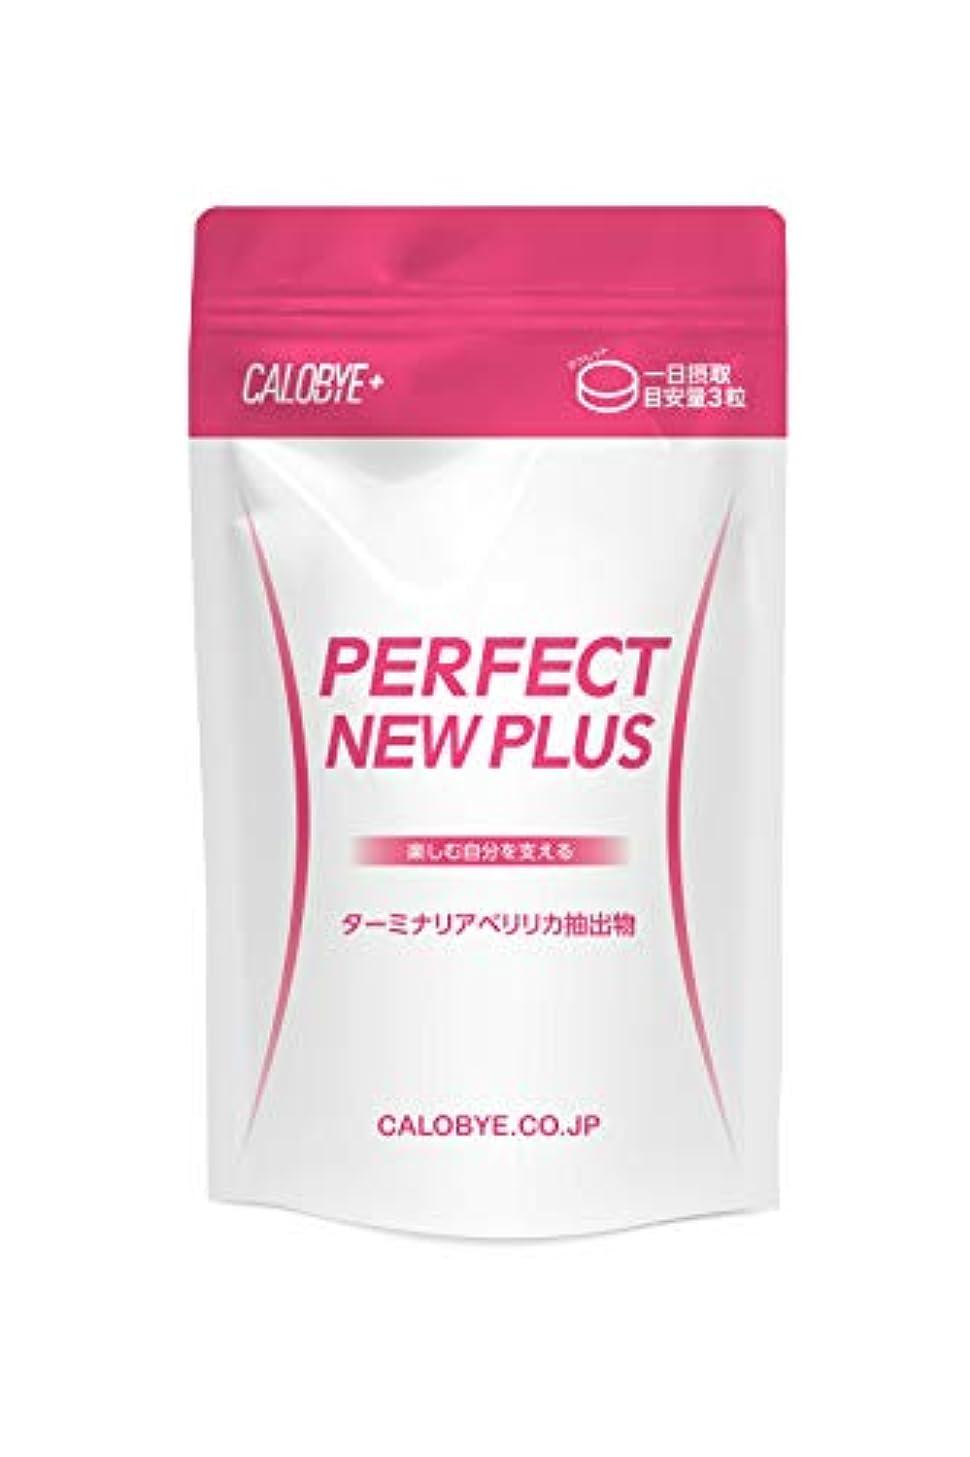 処理するフラッシュのように素早くフラッシュのように素早く【カロバイプラス公式】CALOBYE+ Perfect New Plus(カロバイプラス?パーフェクトニュープラス)